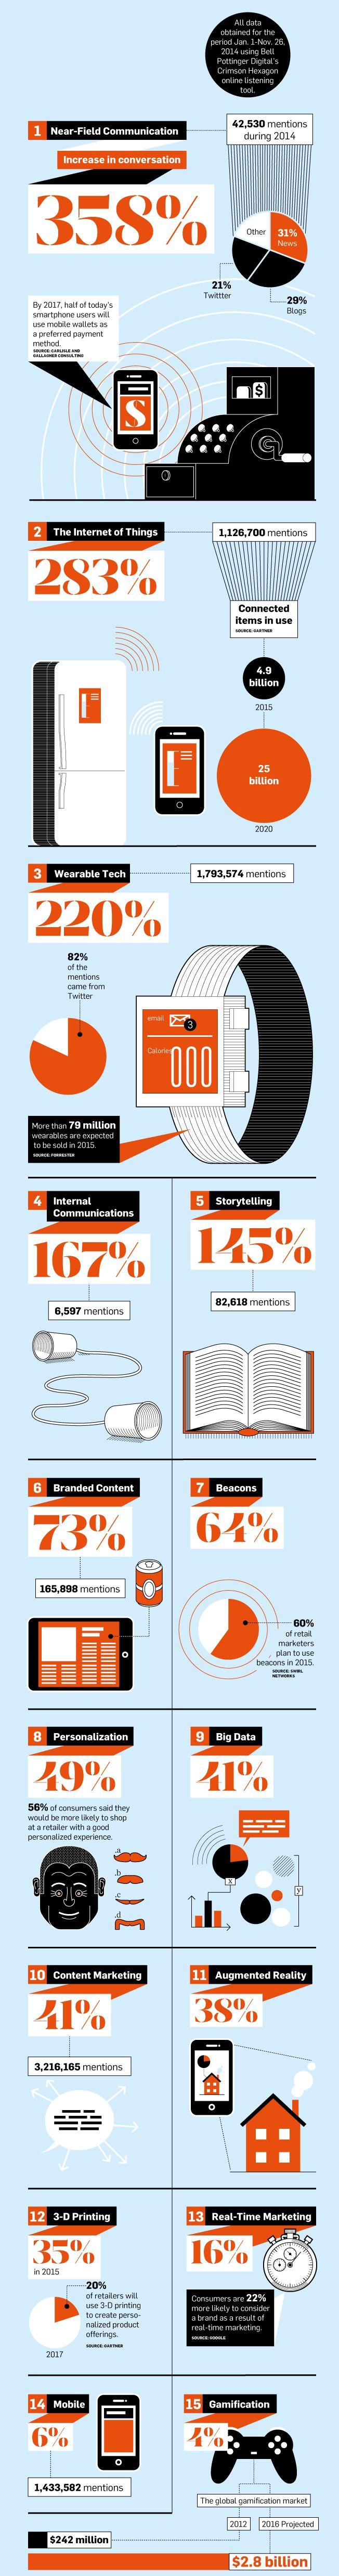 Découvrez les 15 tendances digitales qui font le buzz via @BeaconGalaxy  #digital #tendances  http://beaconsgalaxy.com/infographie-les-15-tendances-digitales-qui-font-le-buzz/